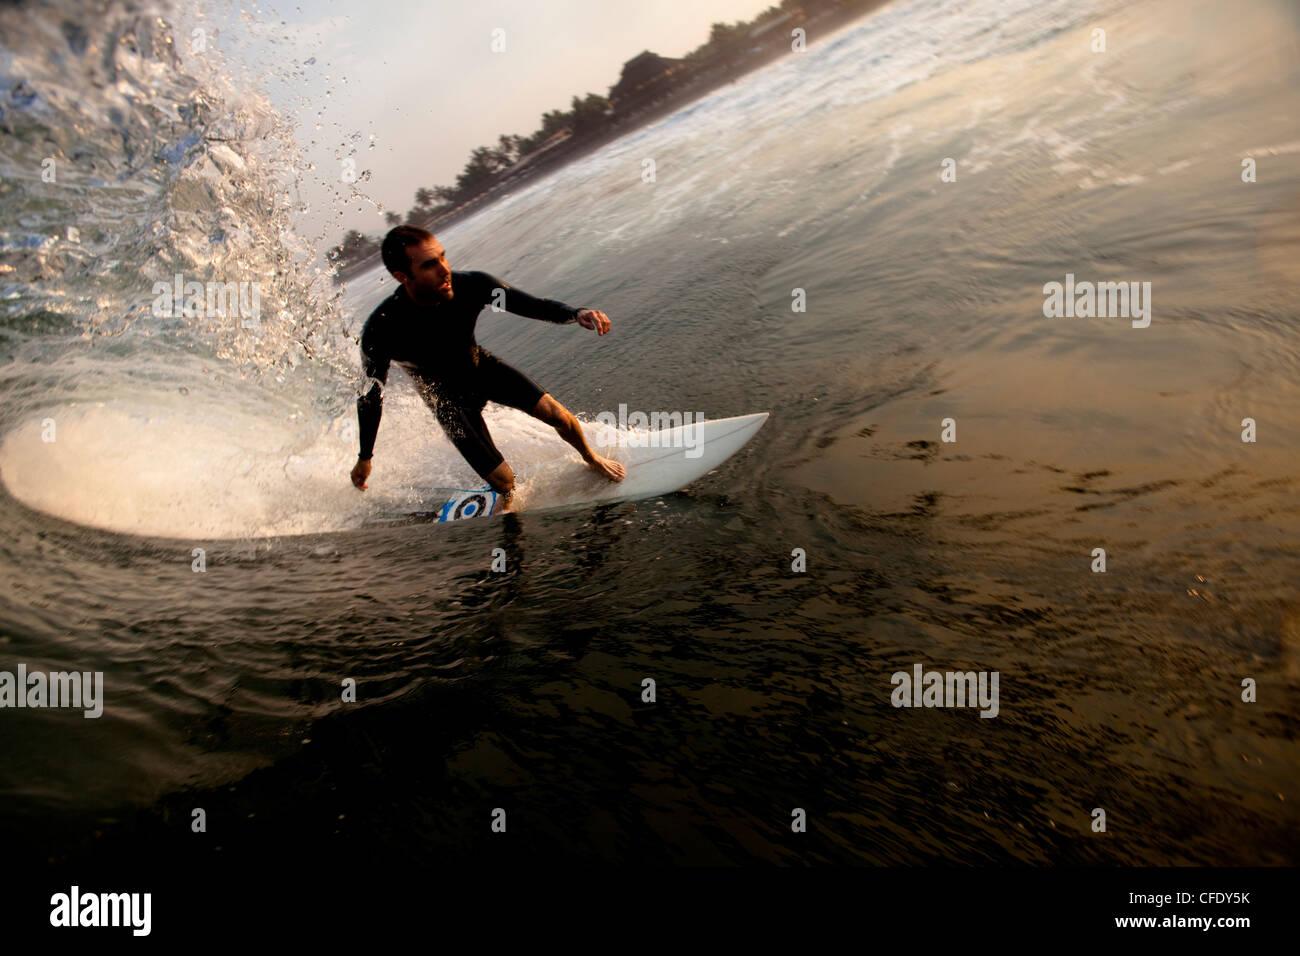 Eine männliche Surfer setzt sich für ein Fass beim Surfen der berüchtigten Strand Pause von Pasquales, Stockbild